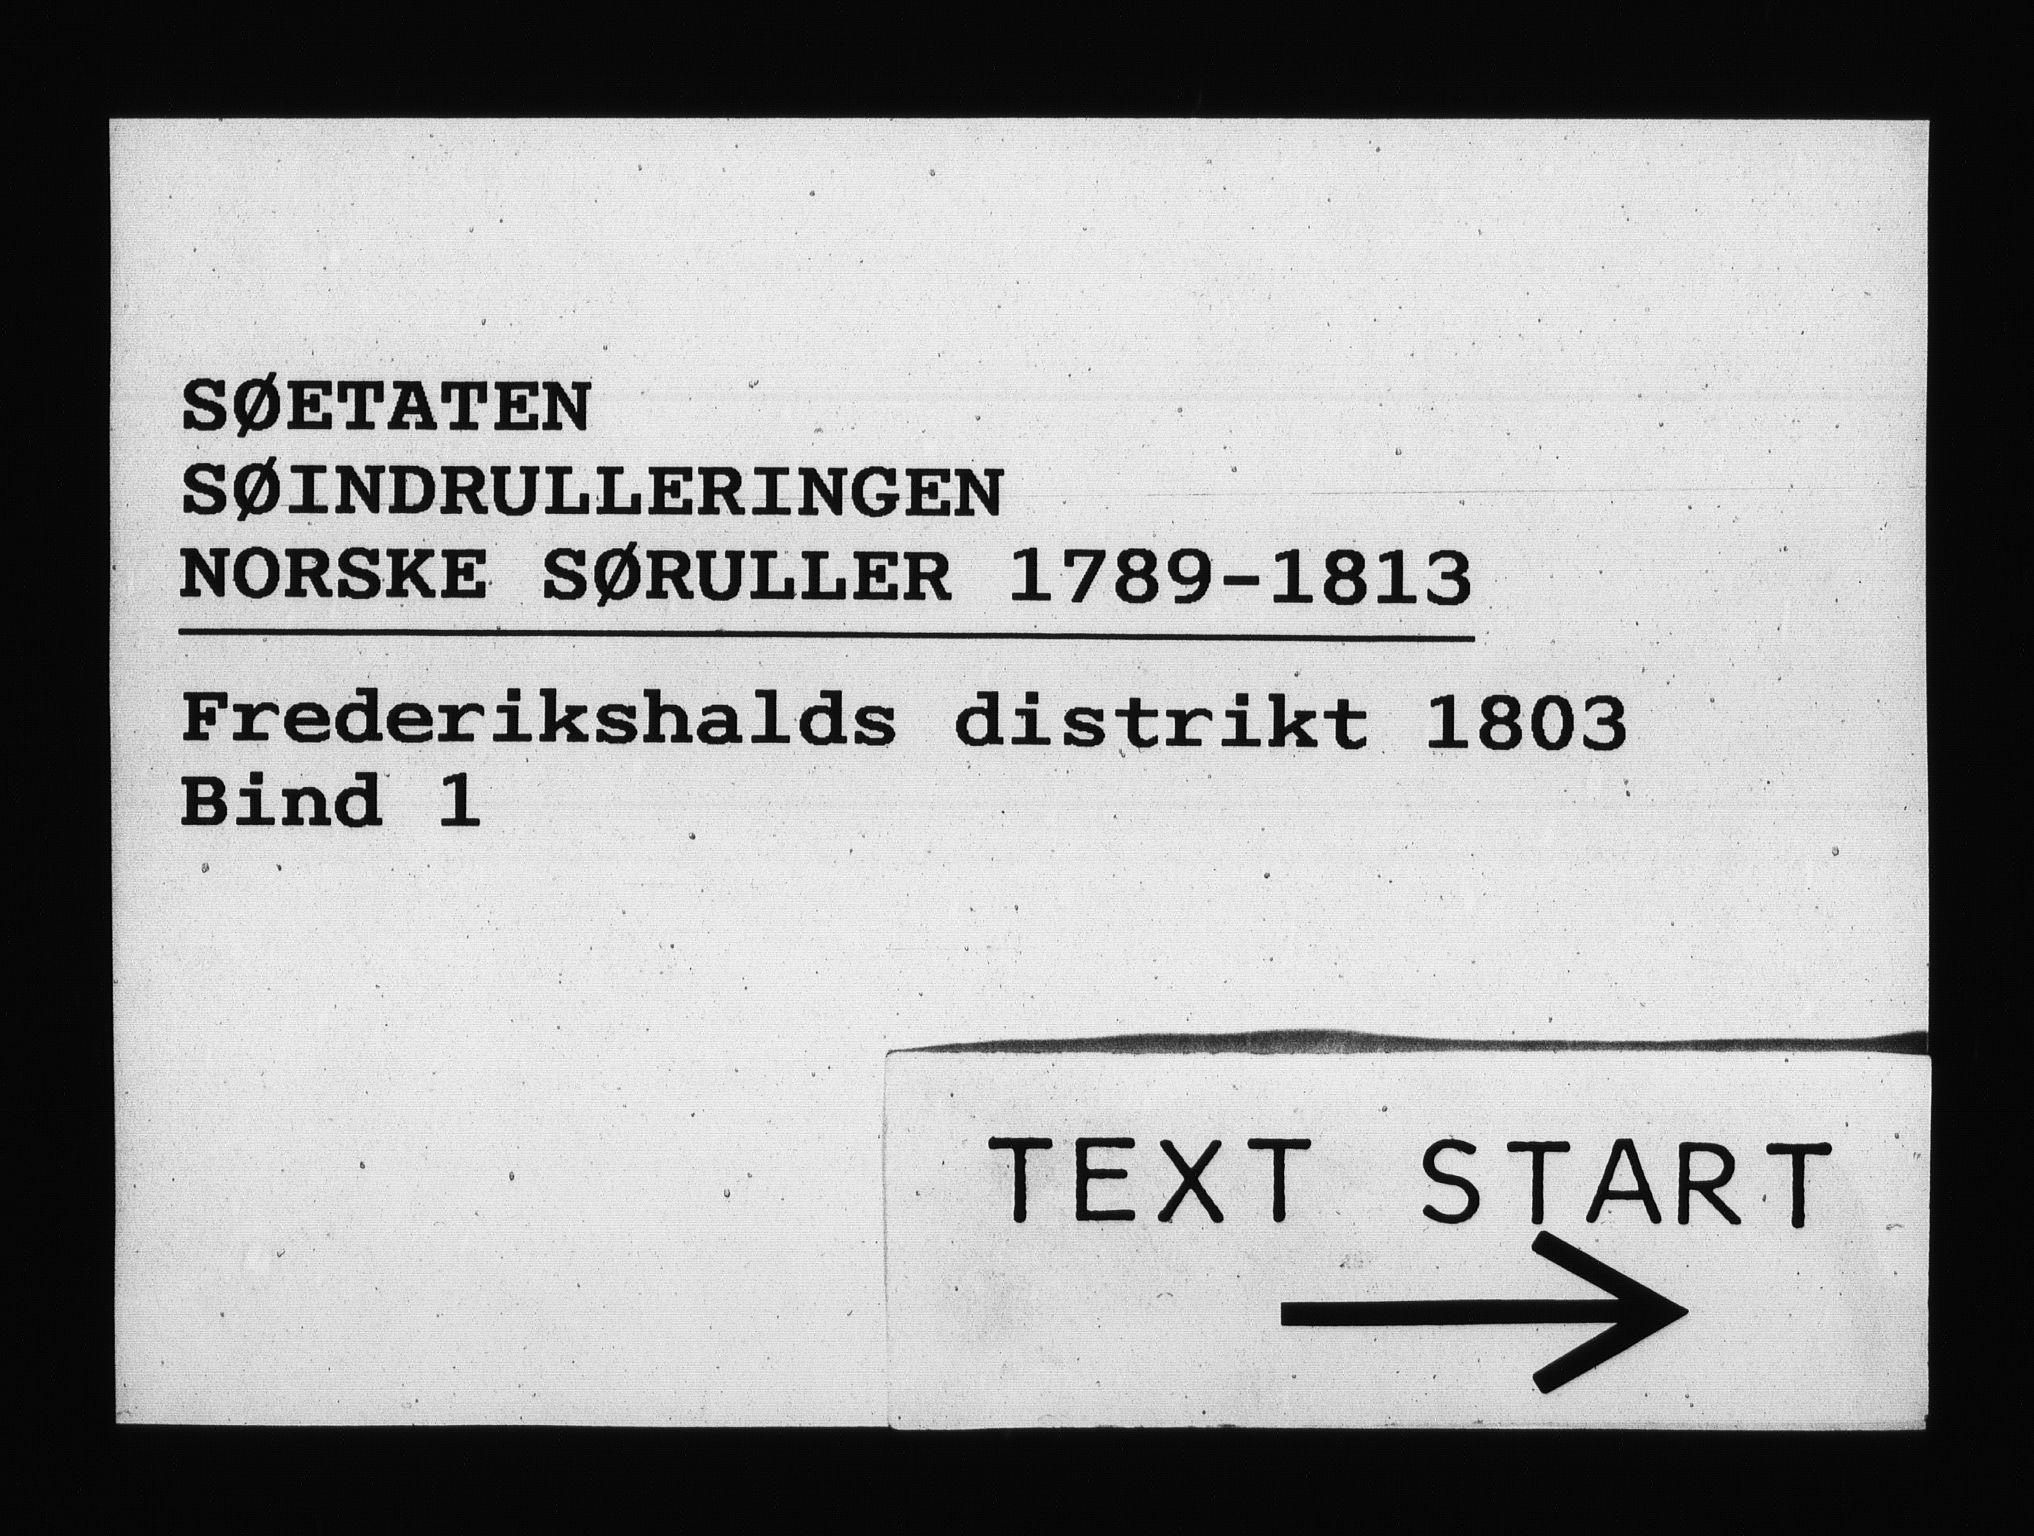 RA, Sjøetaten, F/L0198: Fredrikshalds distrikt, bind 1, 1803